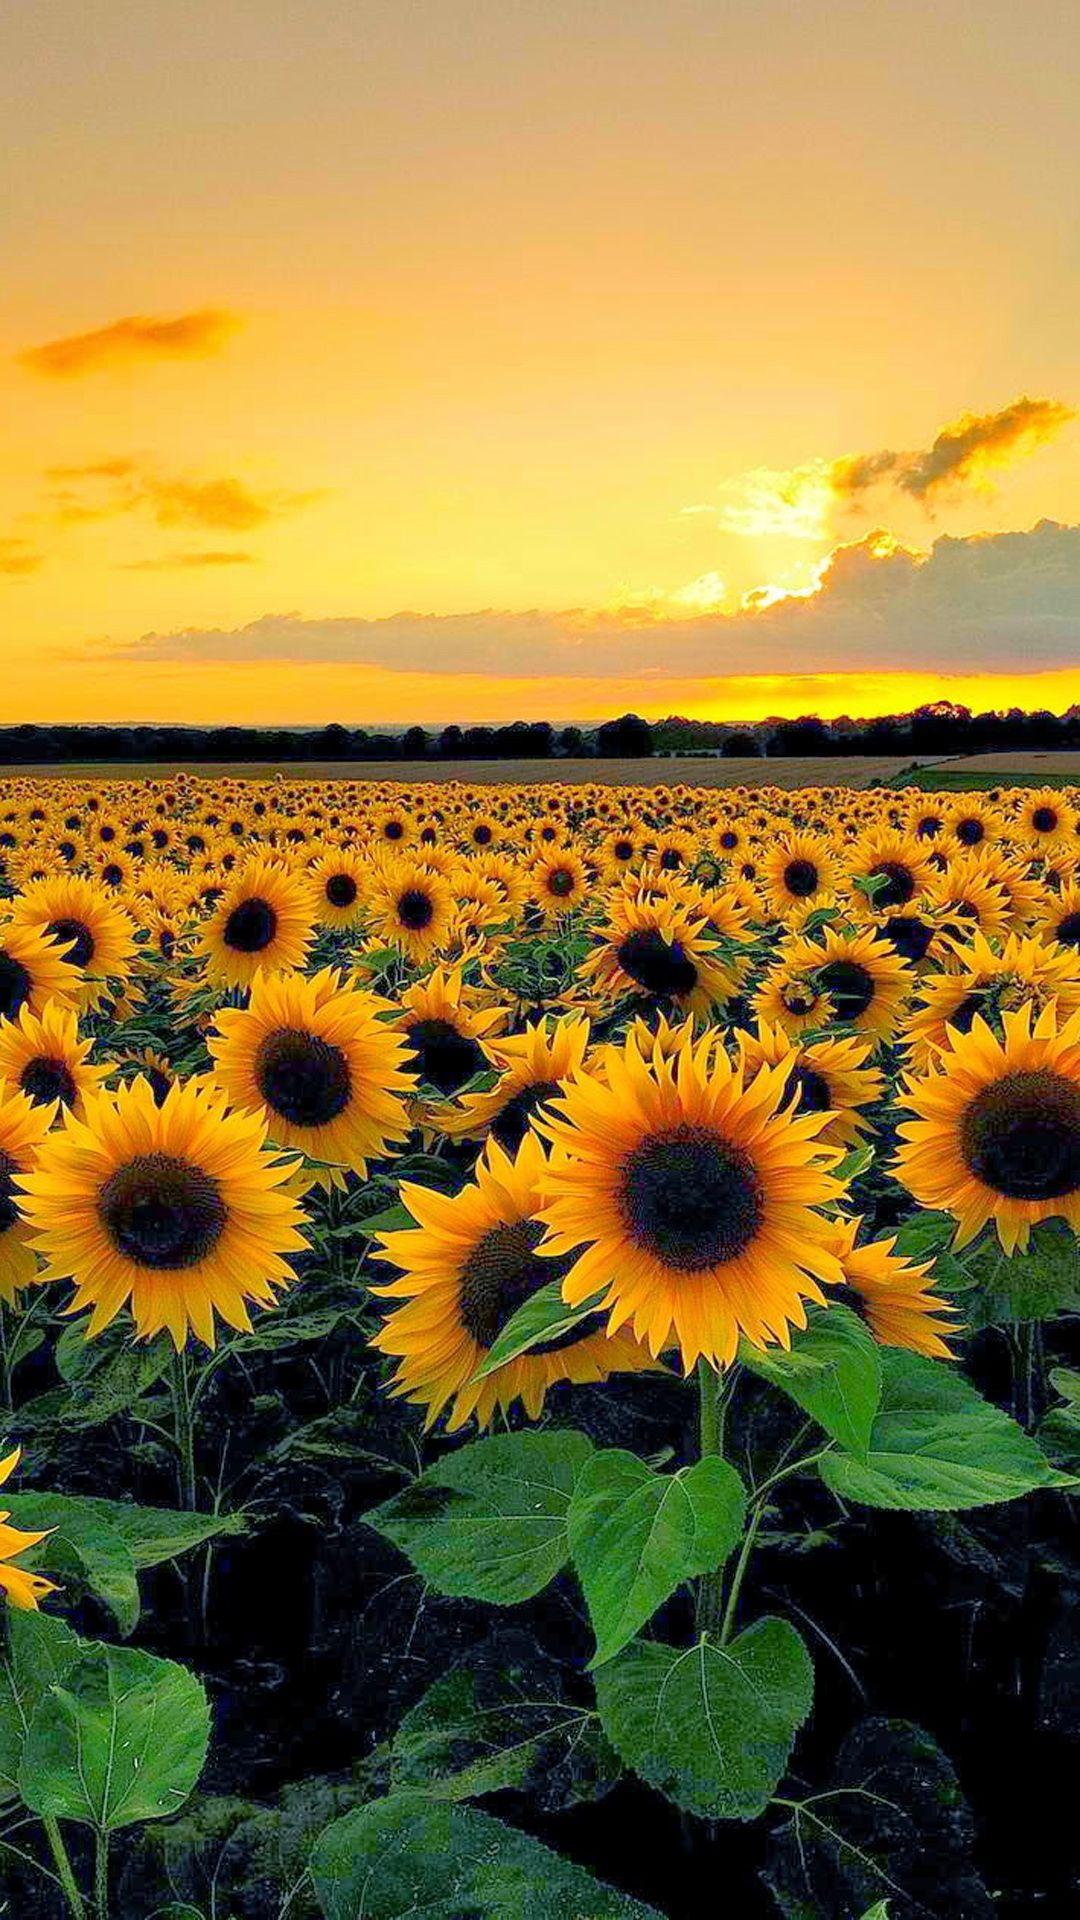 Sunset View From Sunflower Field Wallpaper downloads Sunflower 1080x1920